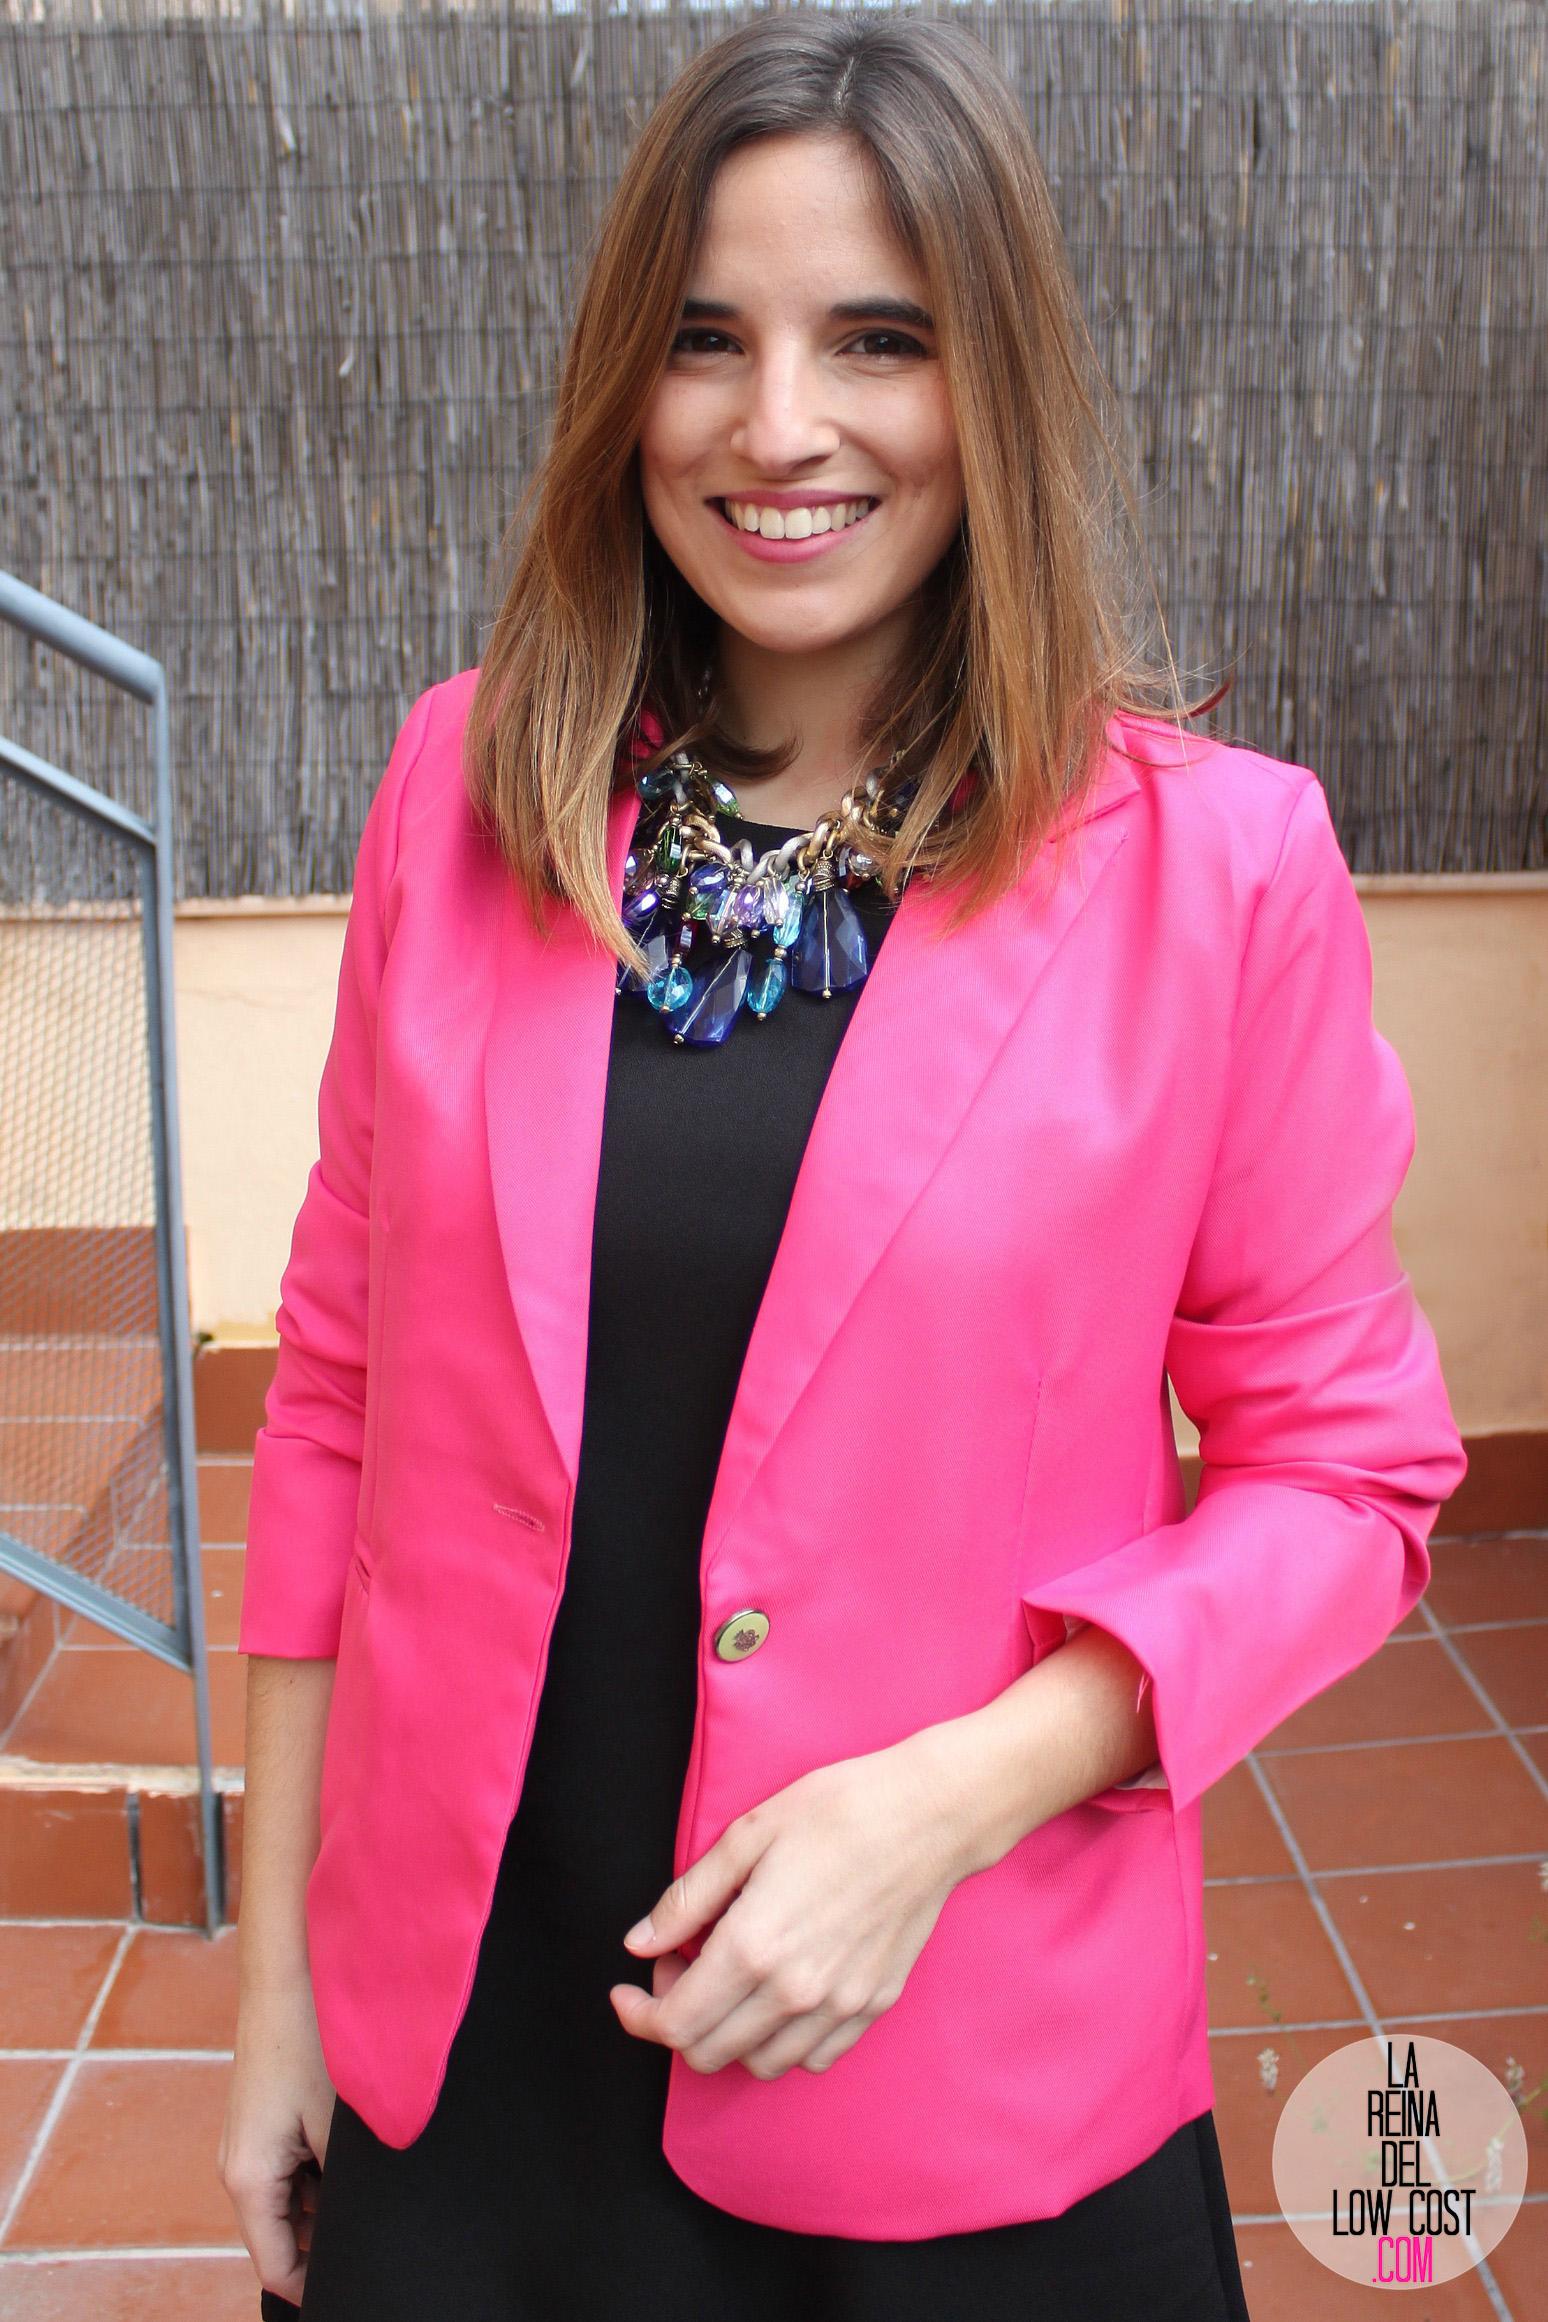 Vestido negro y chaqueta rosa – Vestidos de noche populares foto del ...